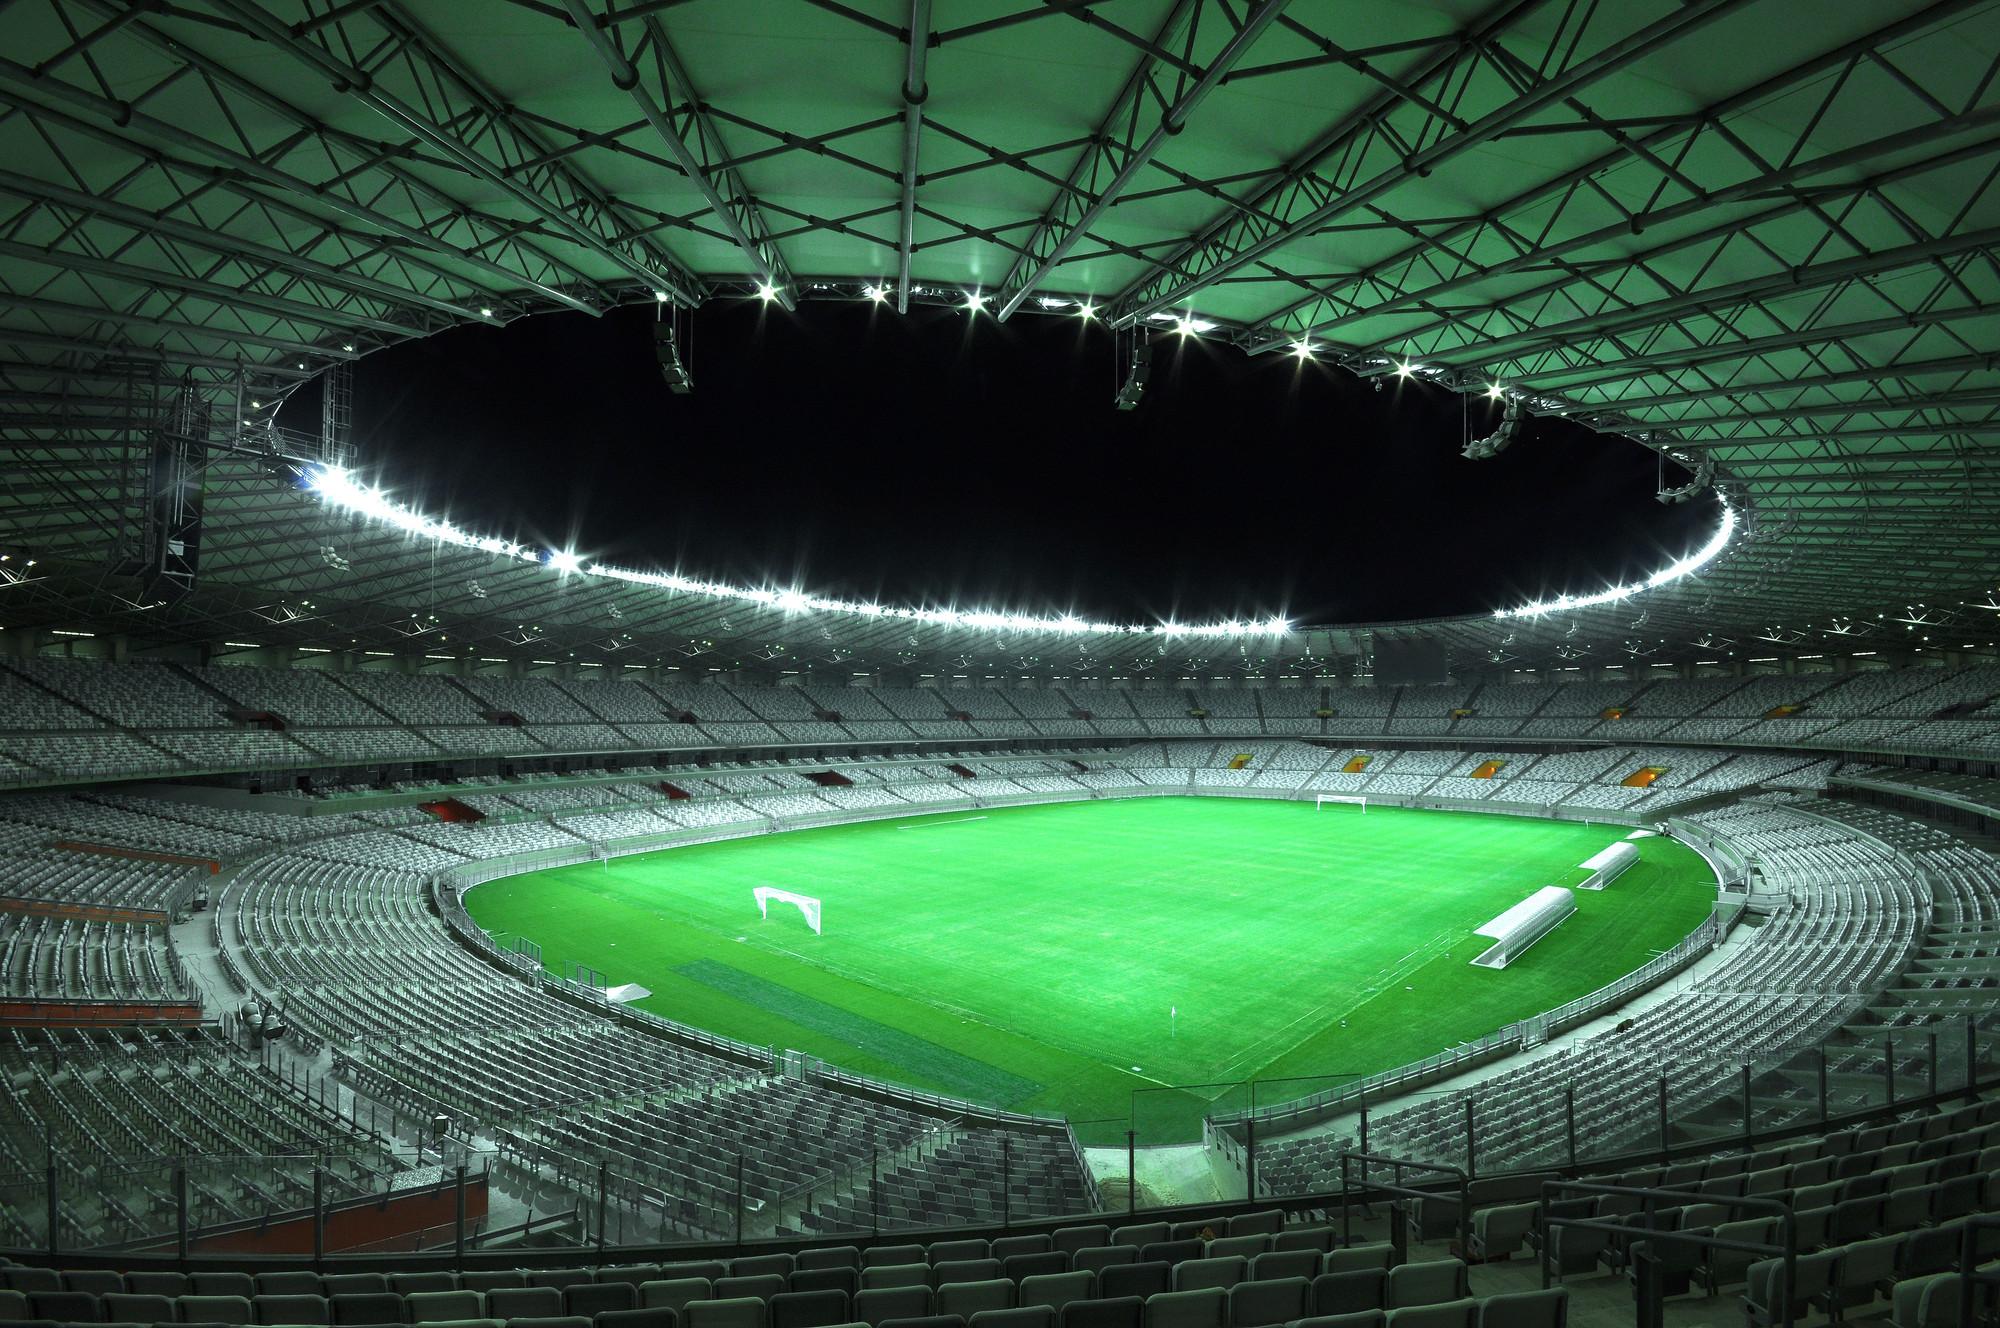 Iluminação dos Estádios na Copa do Mundo 2014, por Schréder, Estádio Mineirão em Belo Horizonte. Imagem Cortesia de Schréder